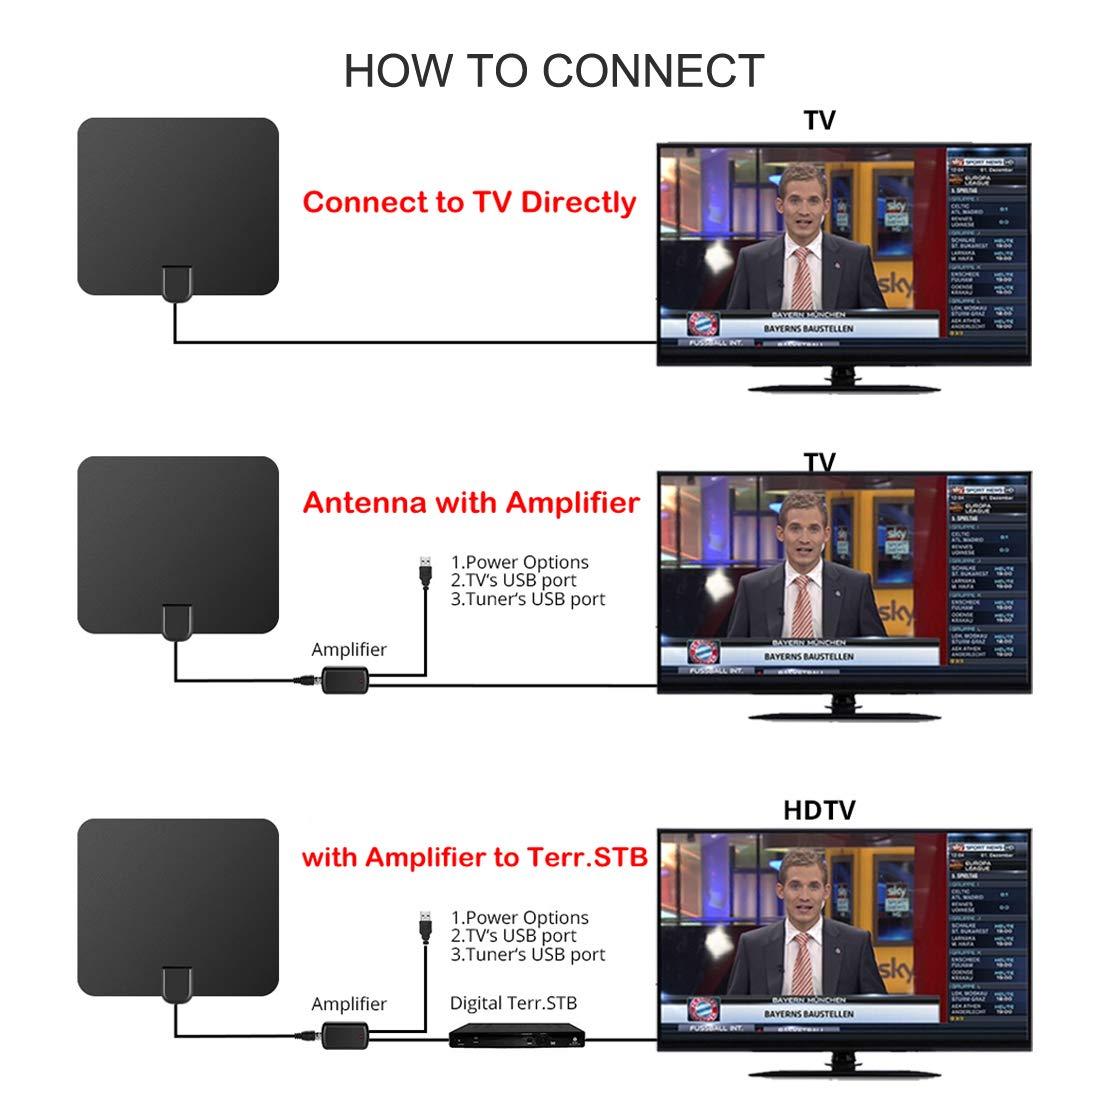 Antena TV Interior, Nueva versi/ón 2018 Negro Digital HDTV Antena Portatil para DVB-T TDT Antena Interior TDT 60 Millas con Amplificador de Se/ñal y Cable Coaxial de 13.2 FT